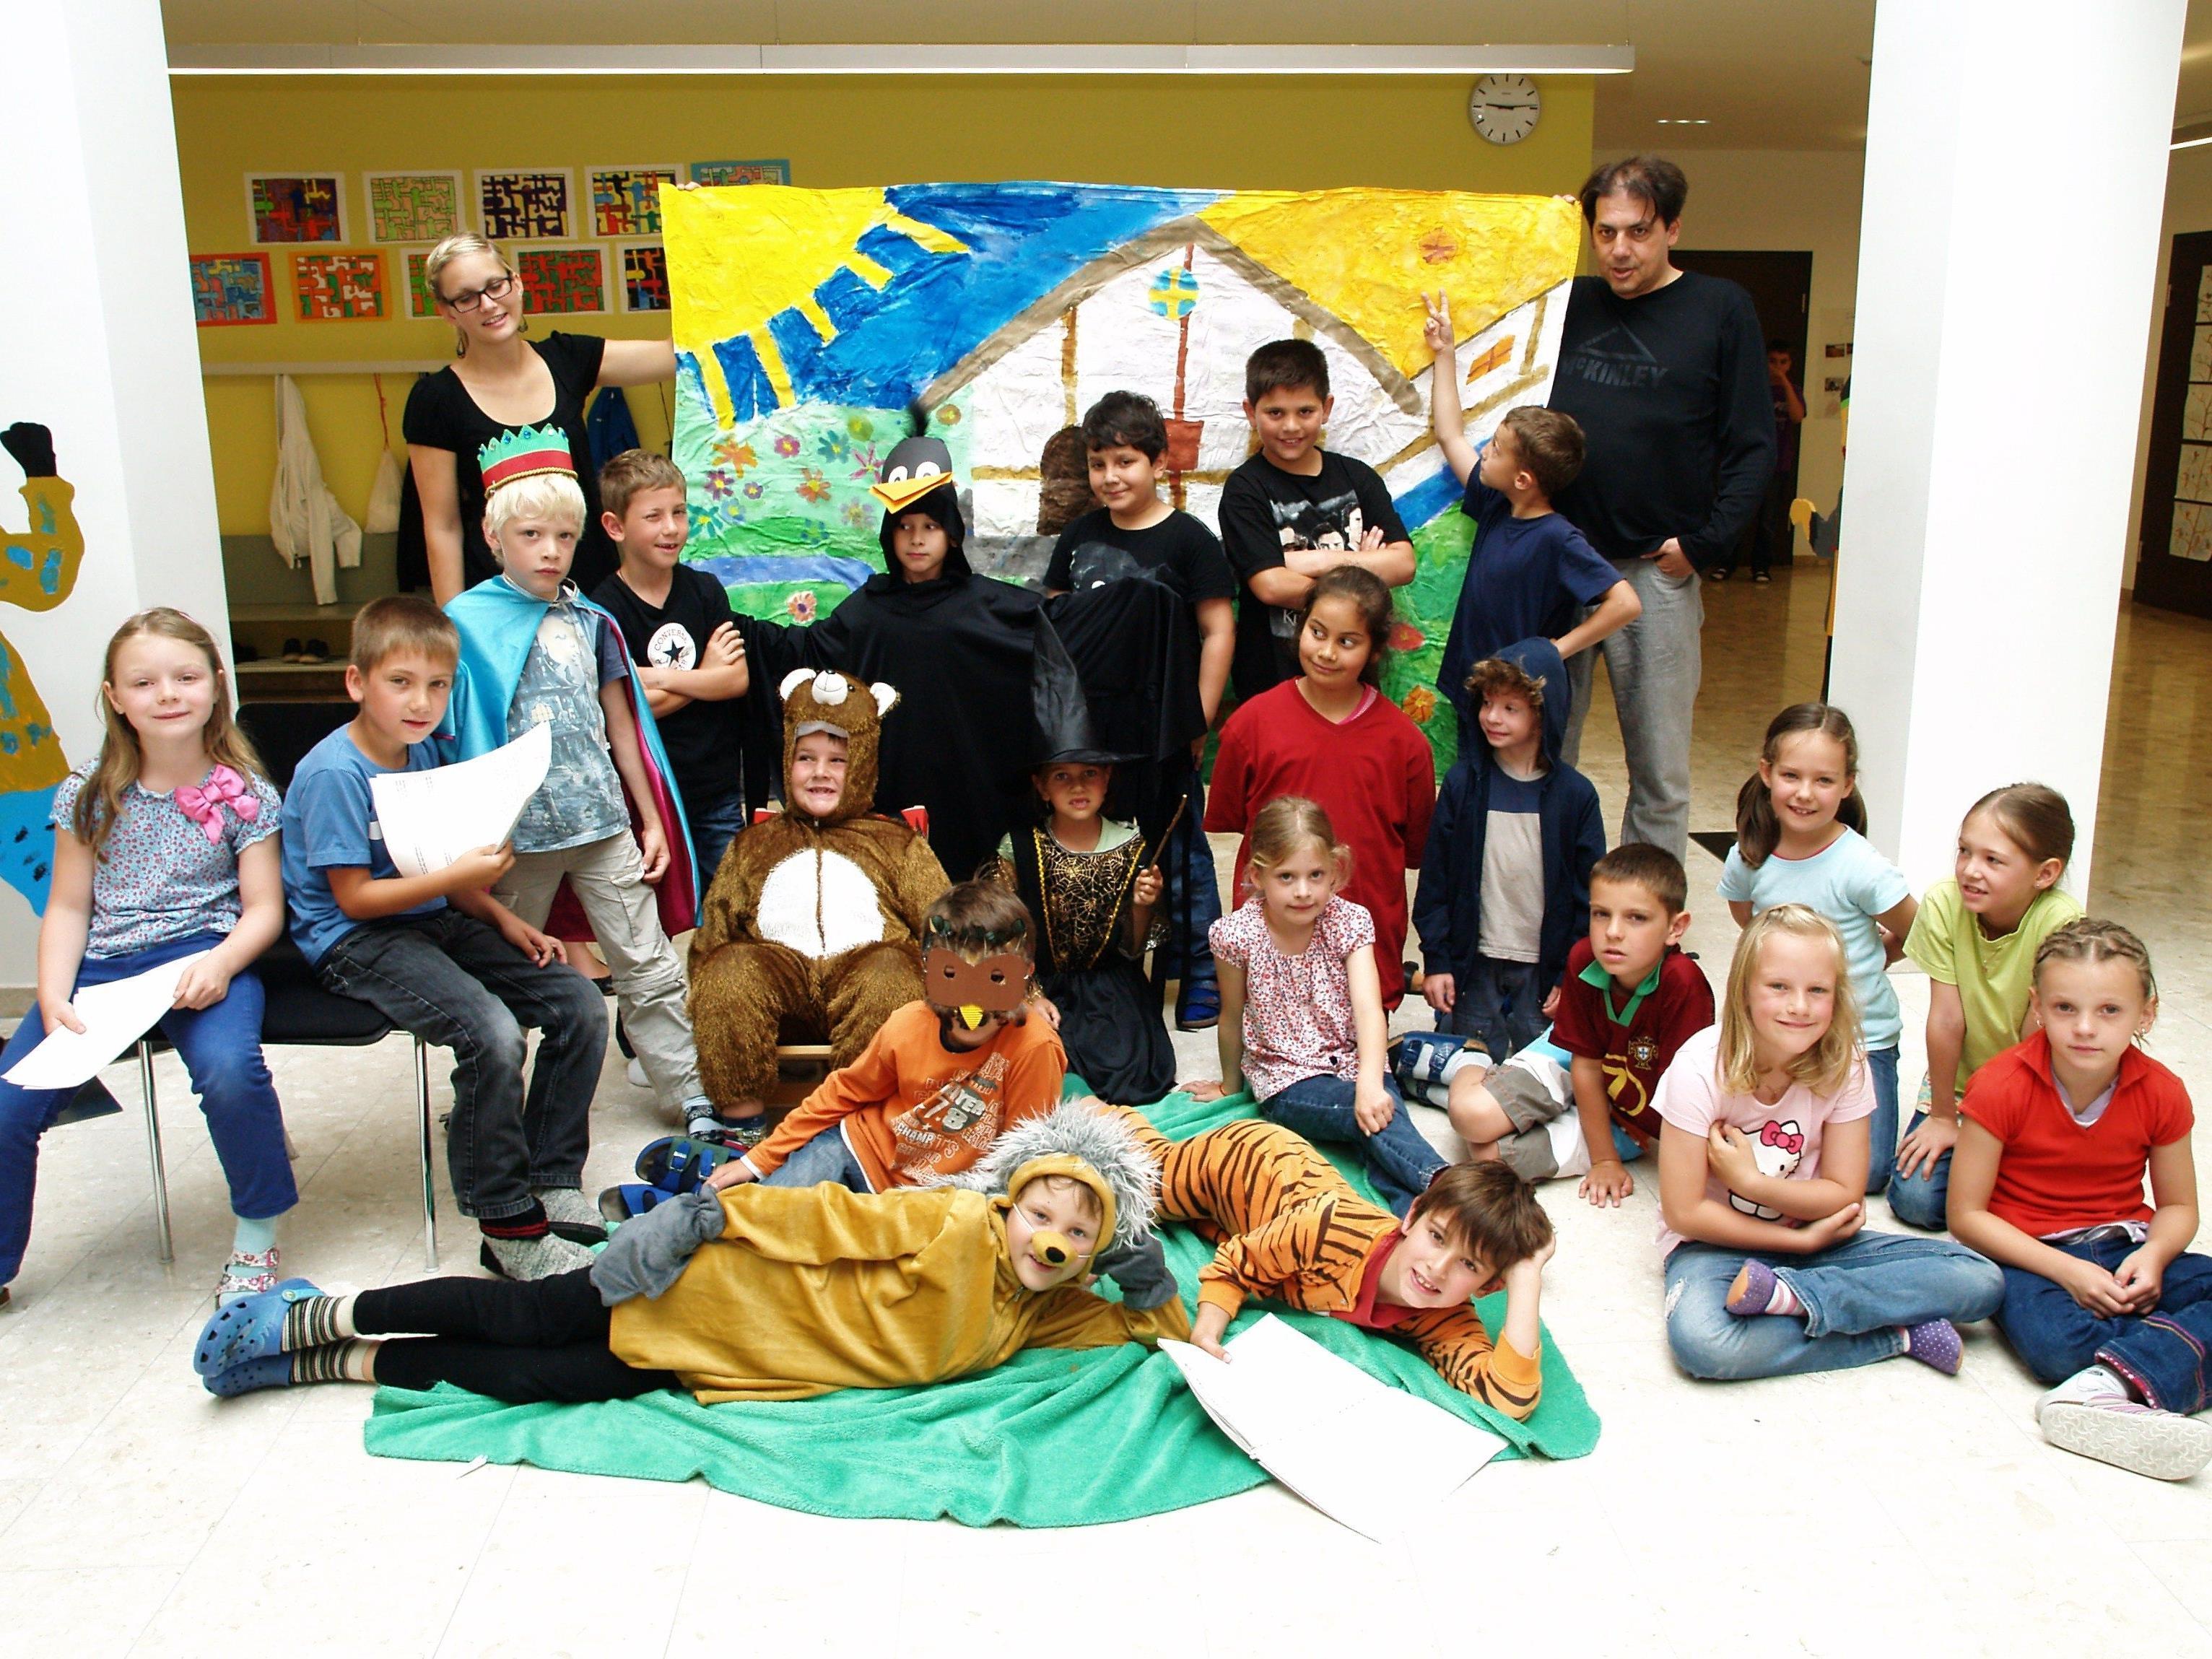 Theaterpädagoge Andreas Neusser erarbeitete mit den Schülern ein lustiges Stück.